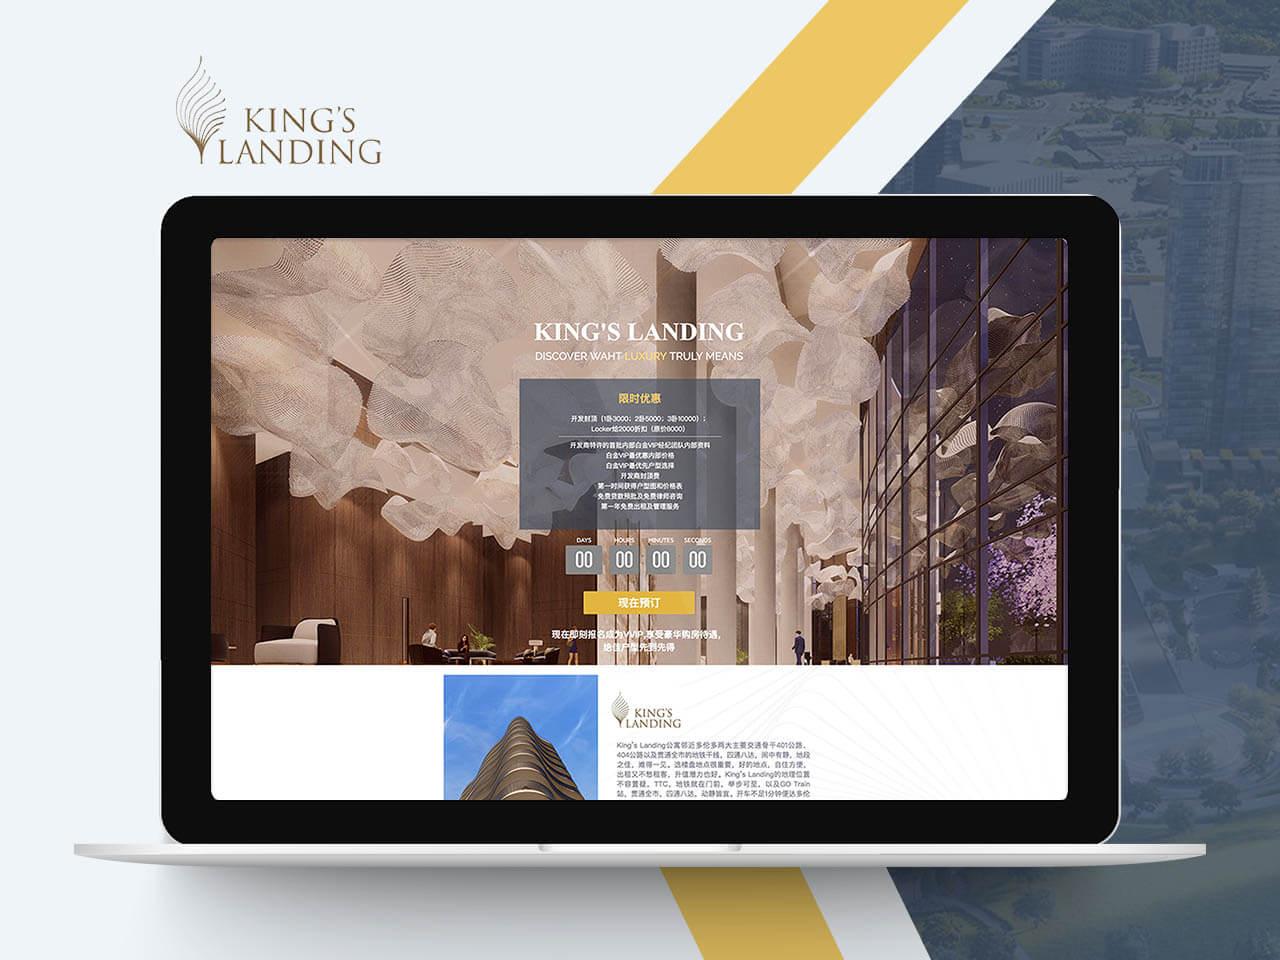 King's-landing-condno